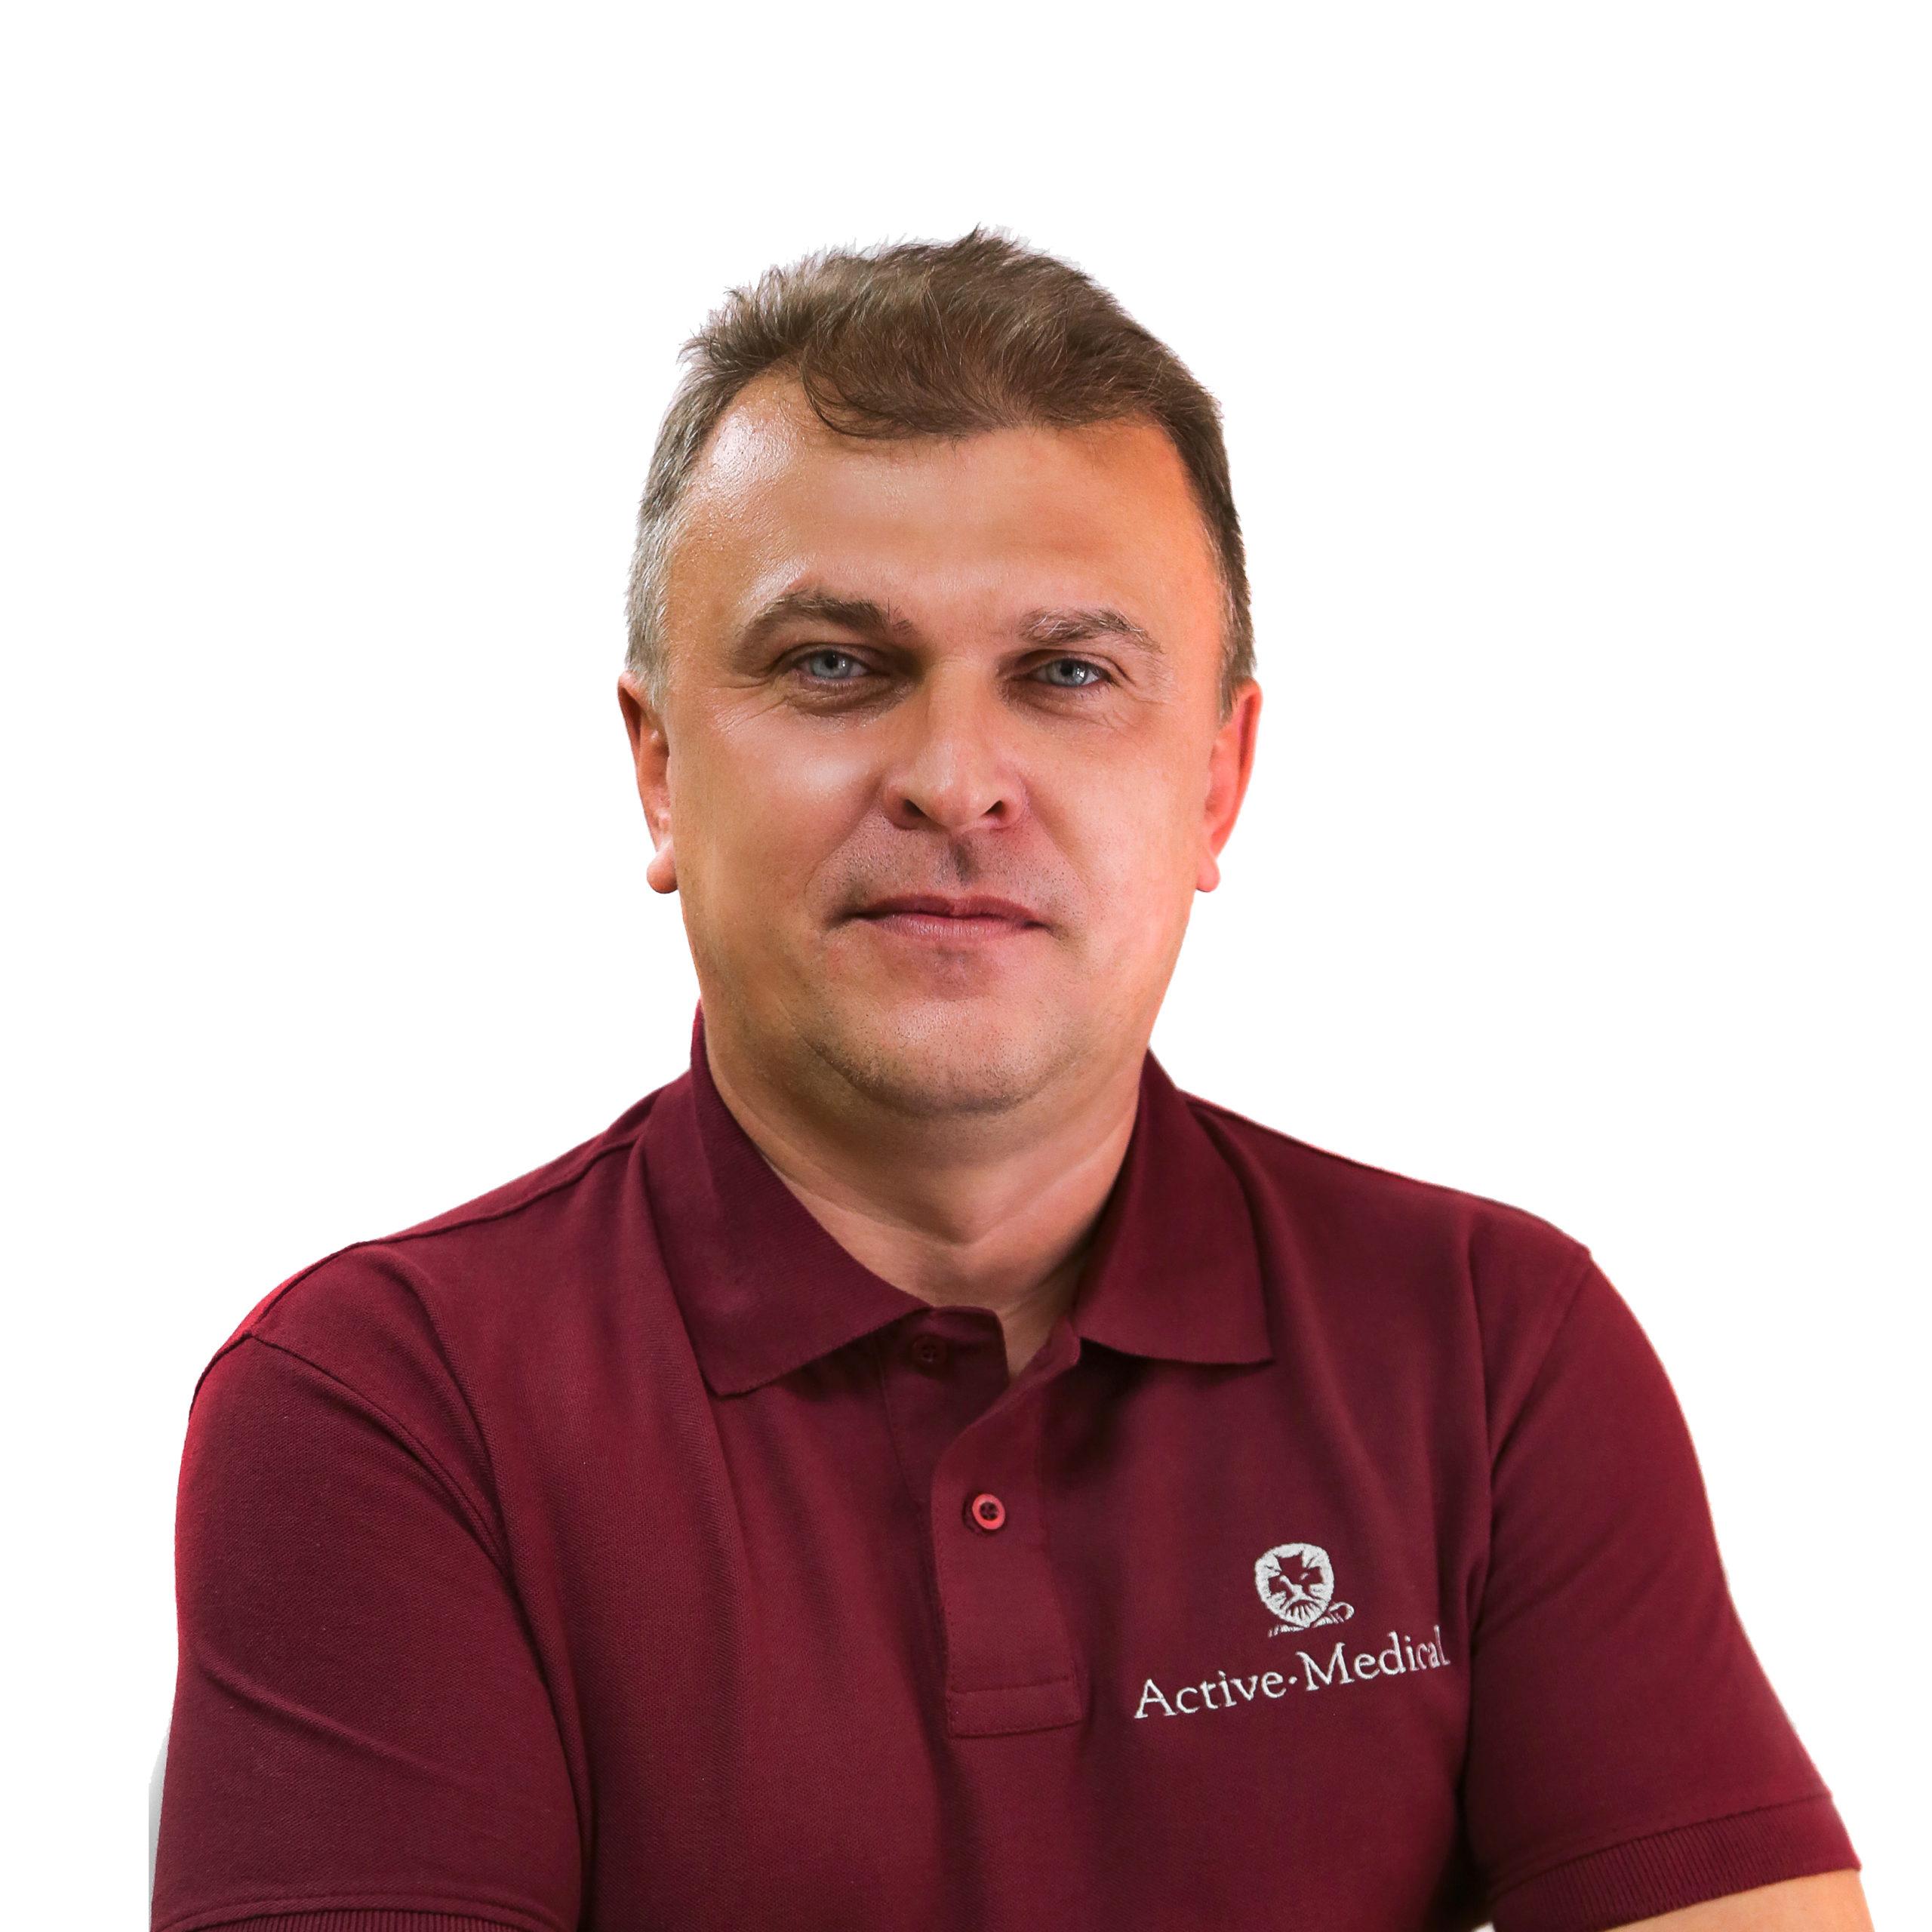 Кравчук Владислав Юзефович